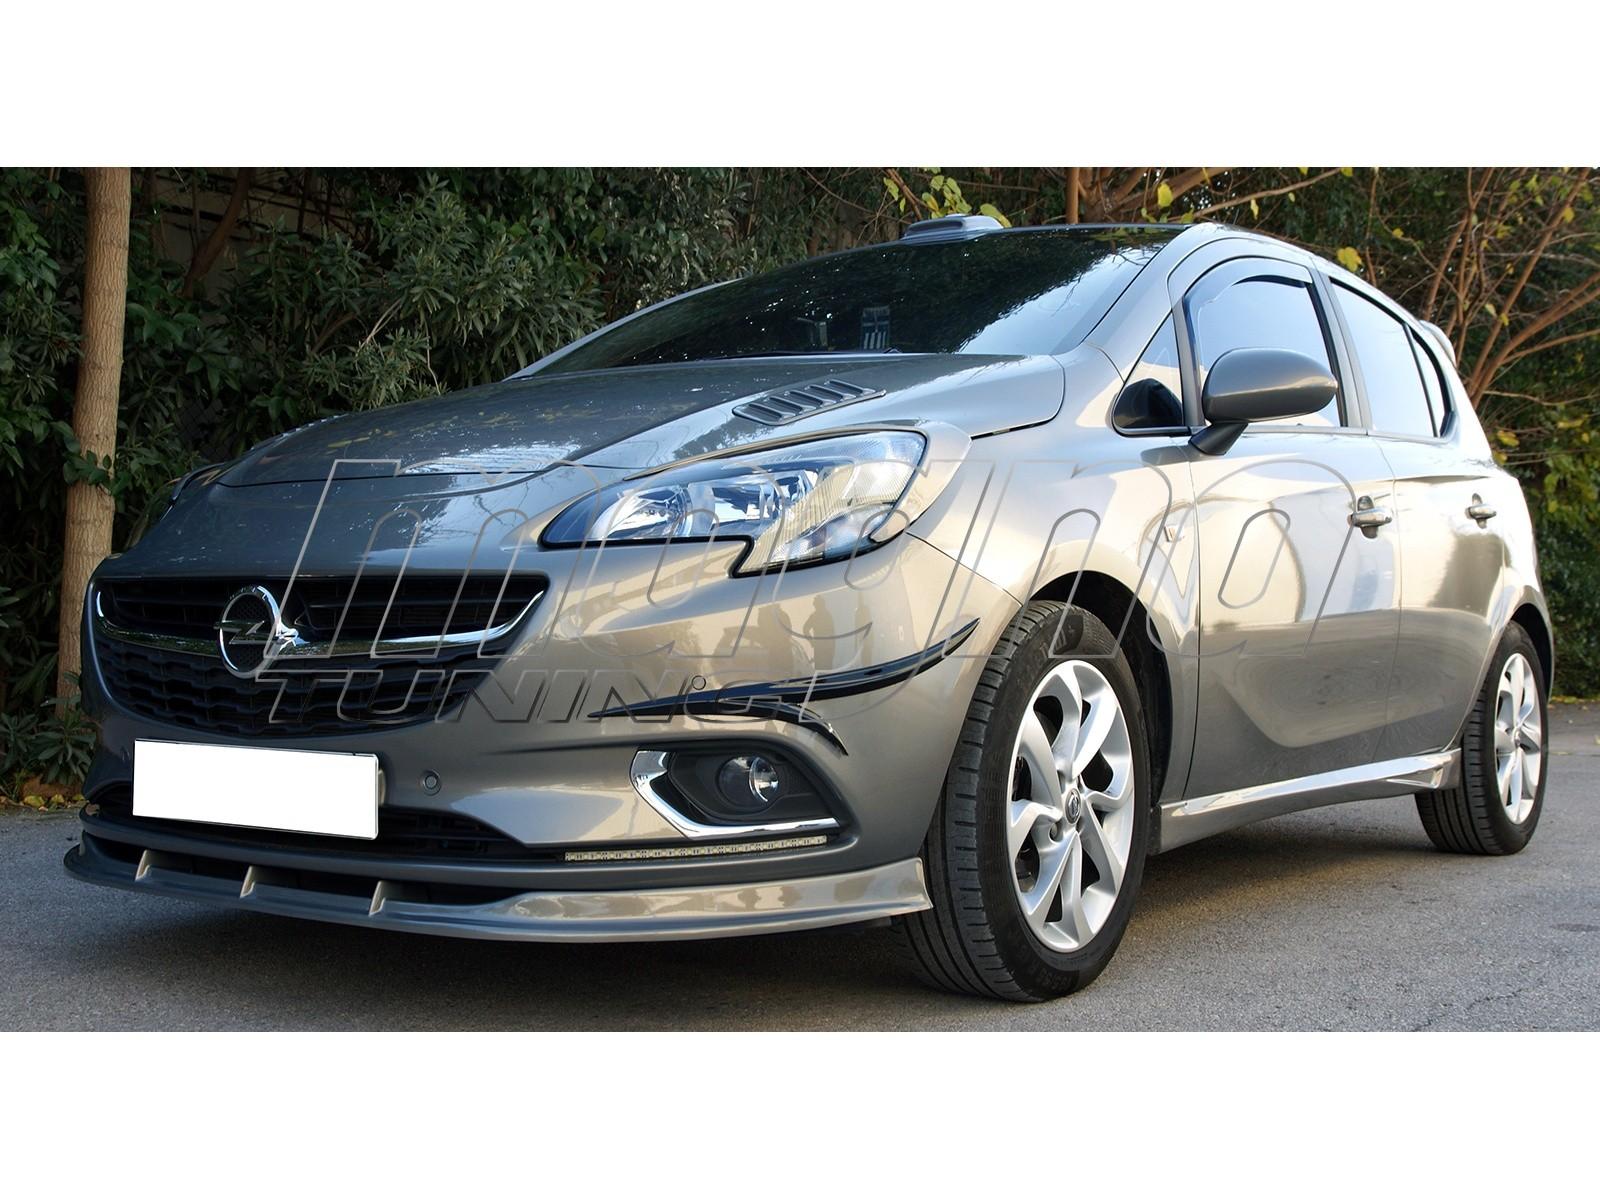 Opel Corsa E Meteor Side Skirts